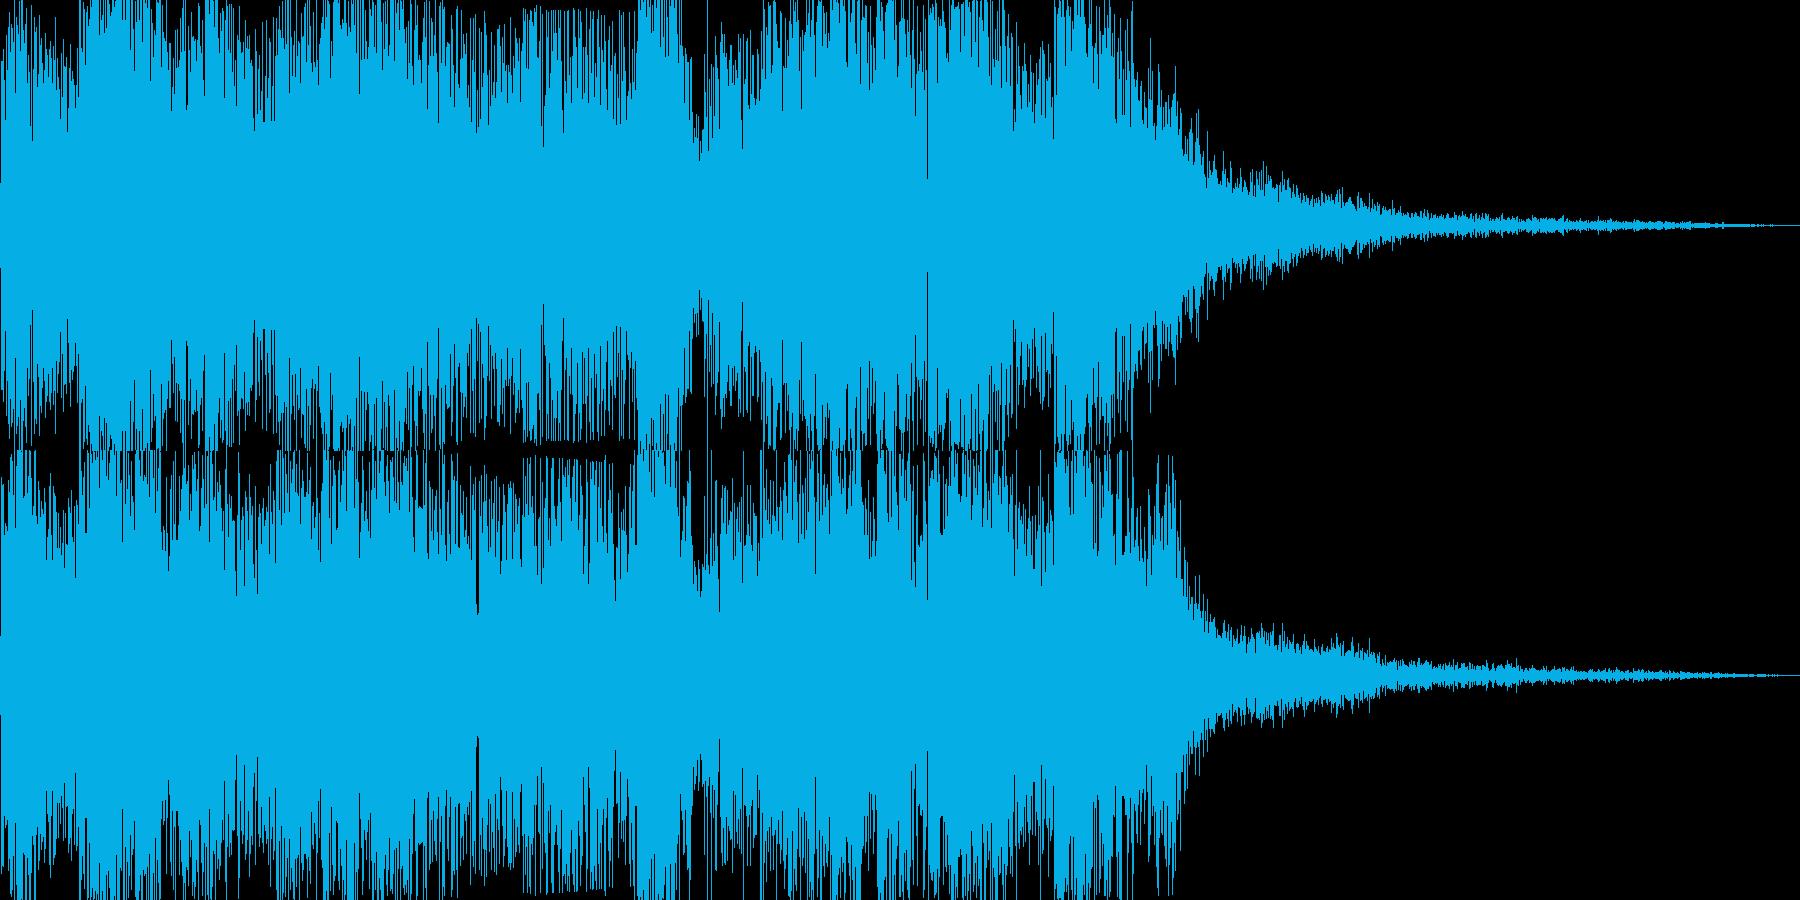 連続爆発(建物が爆発するときに)の再生済みの波形